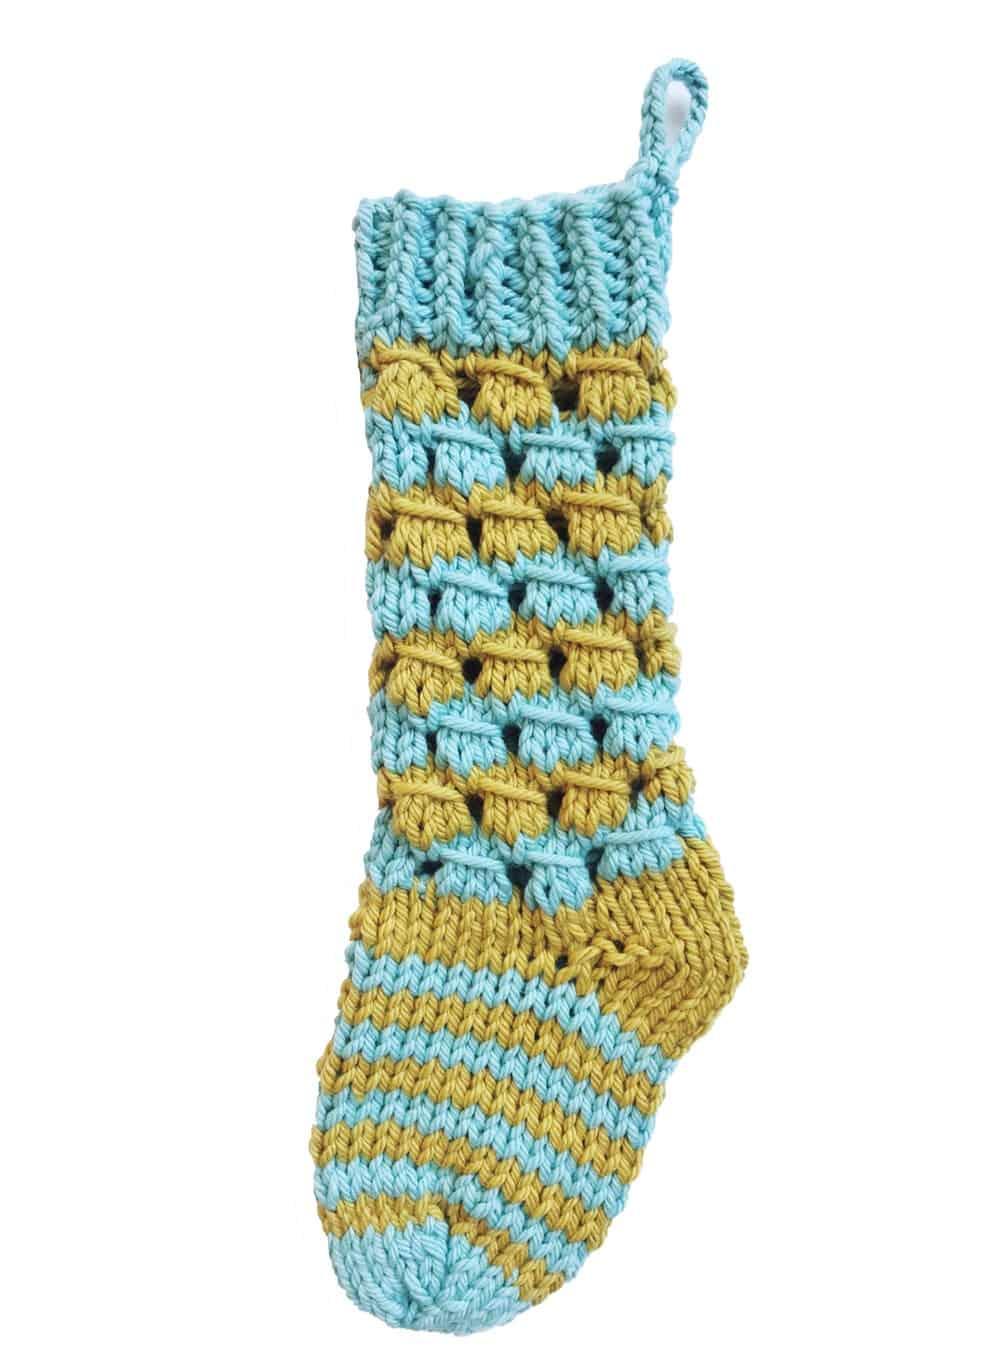 Merry knitmas stocking